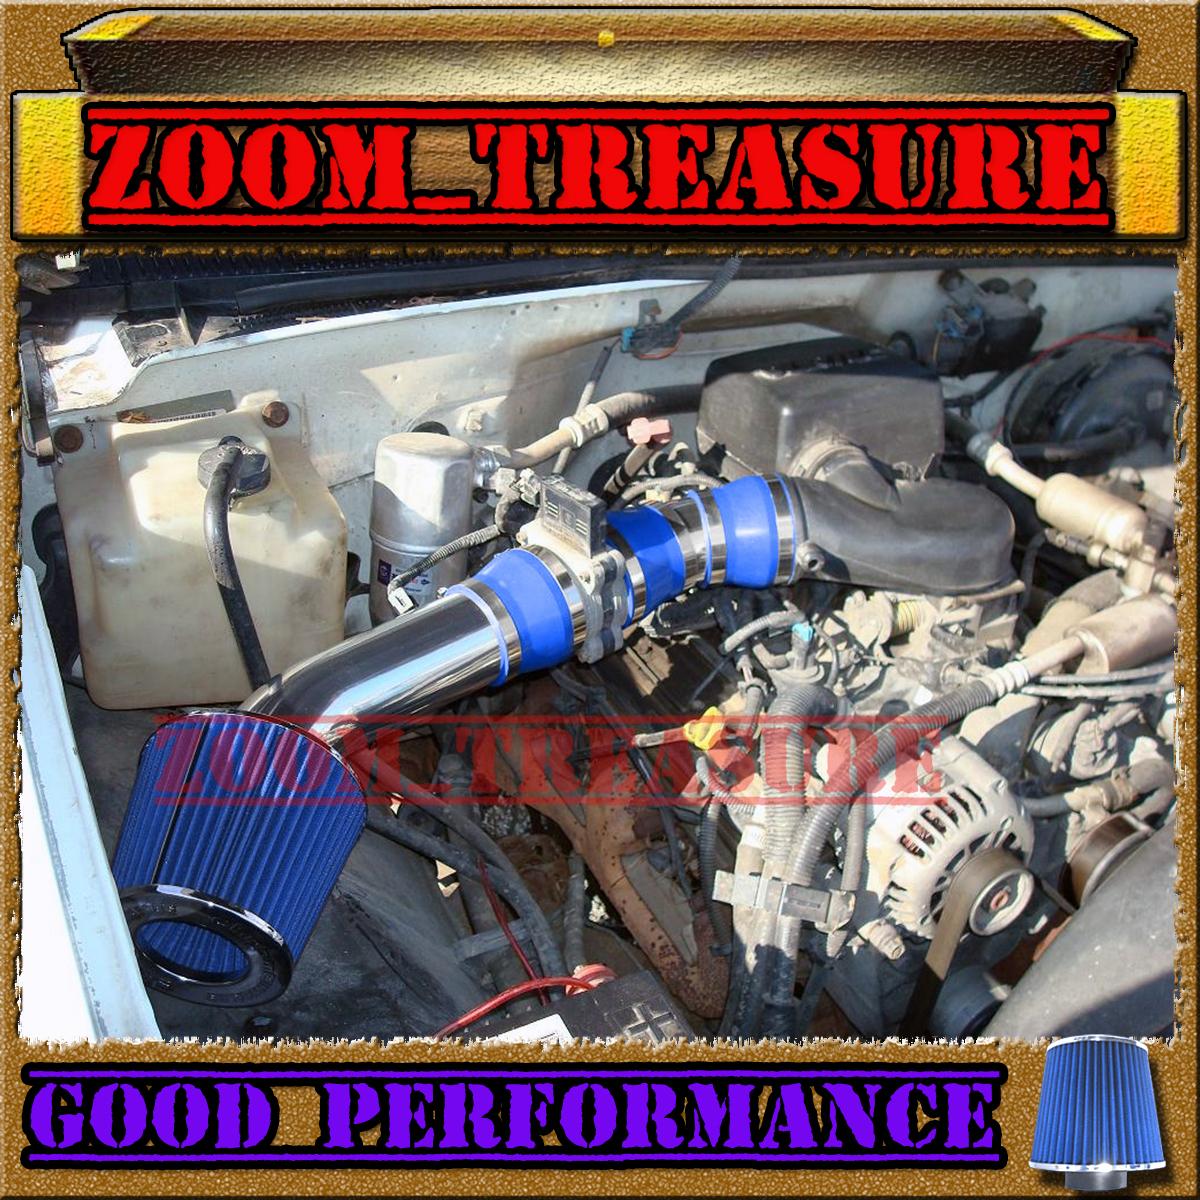 BLACK BLUE 96-98 CHEVY SILVERADO GMC SIERRA C1500 K1500 4.3 4.3L V6 AIR INTAKE